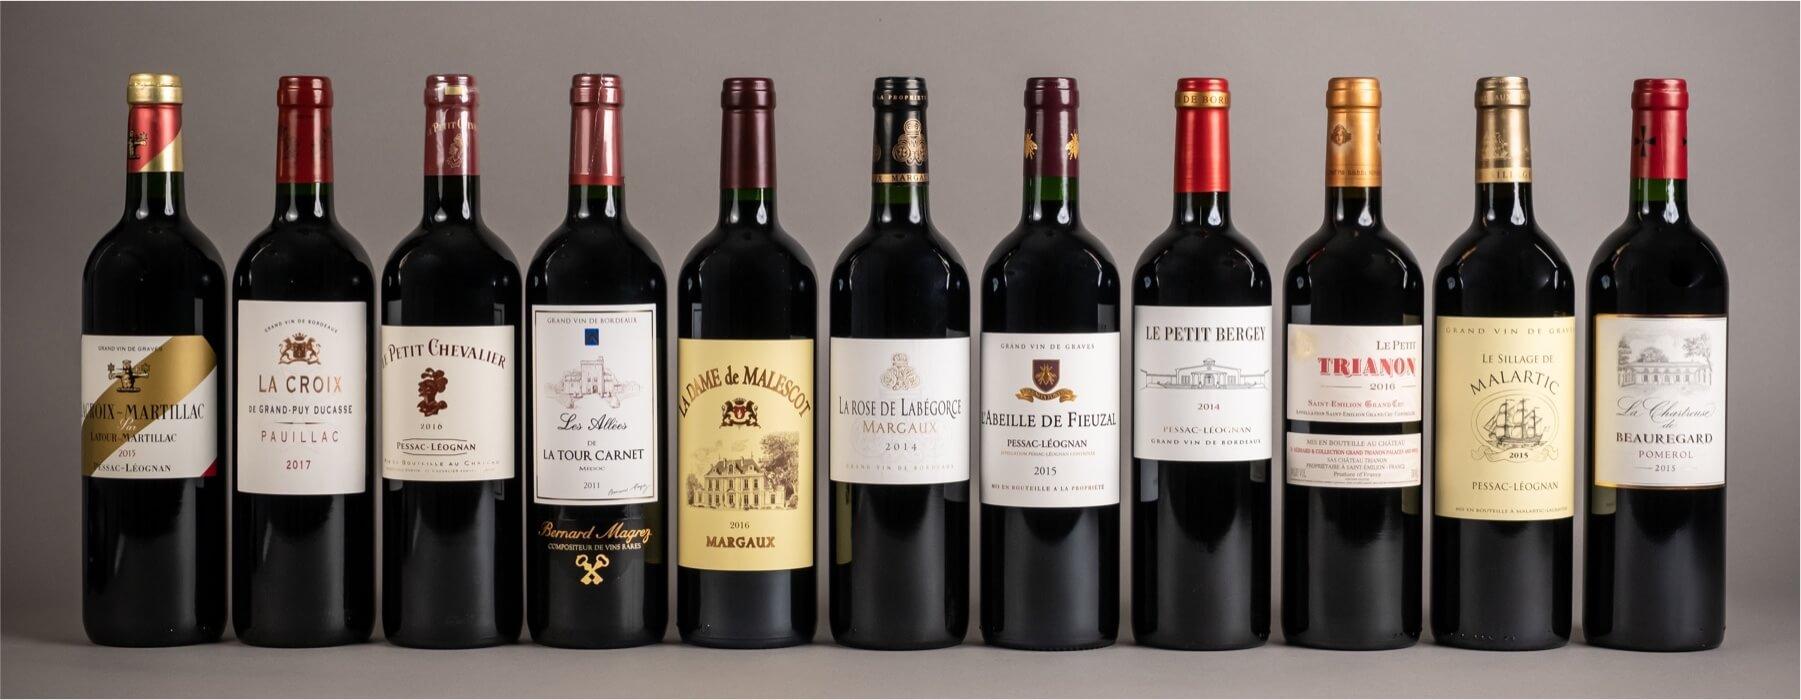 Seconds vins de Grands Crus Classés | Salin, négociant à Bordeaux